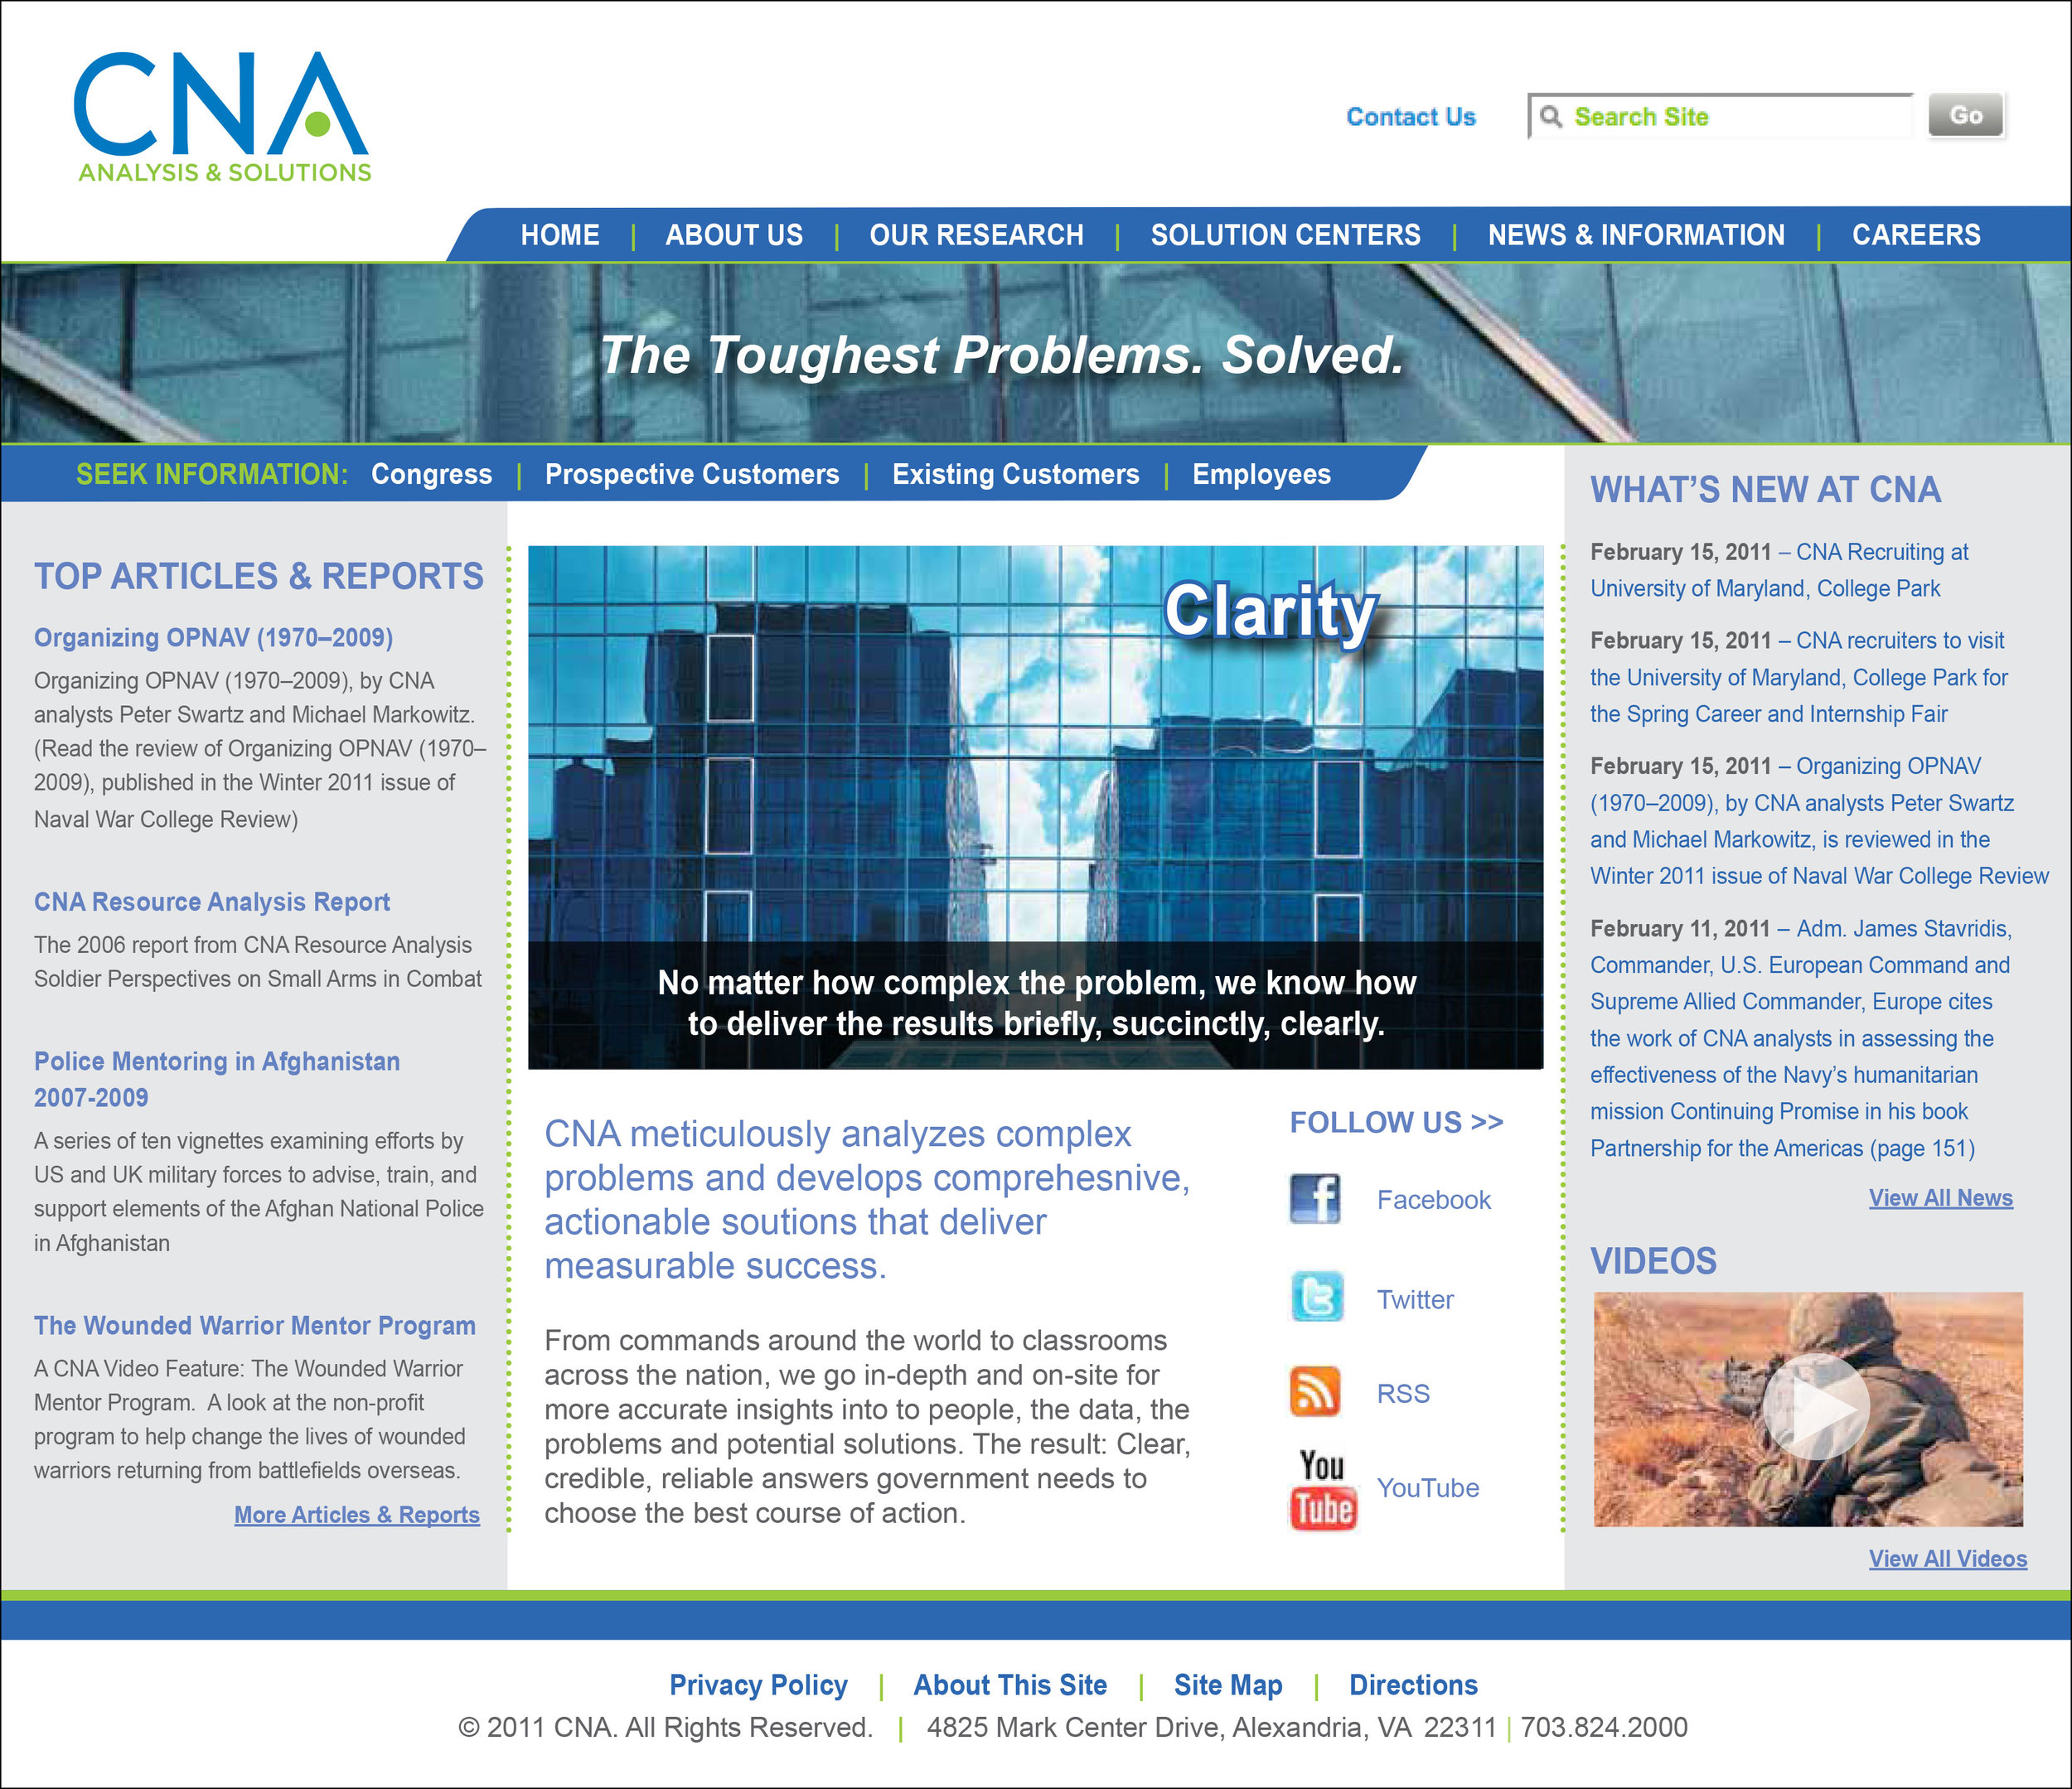 CNA Website Design